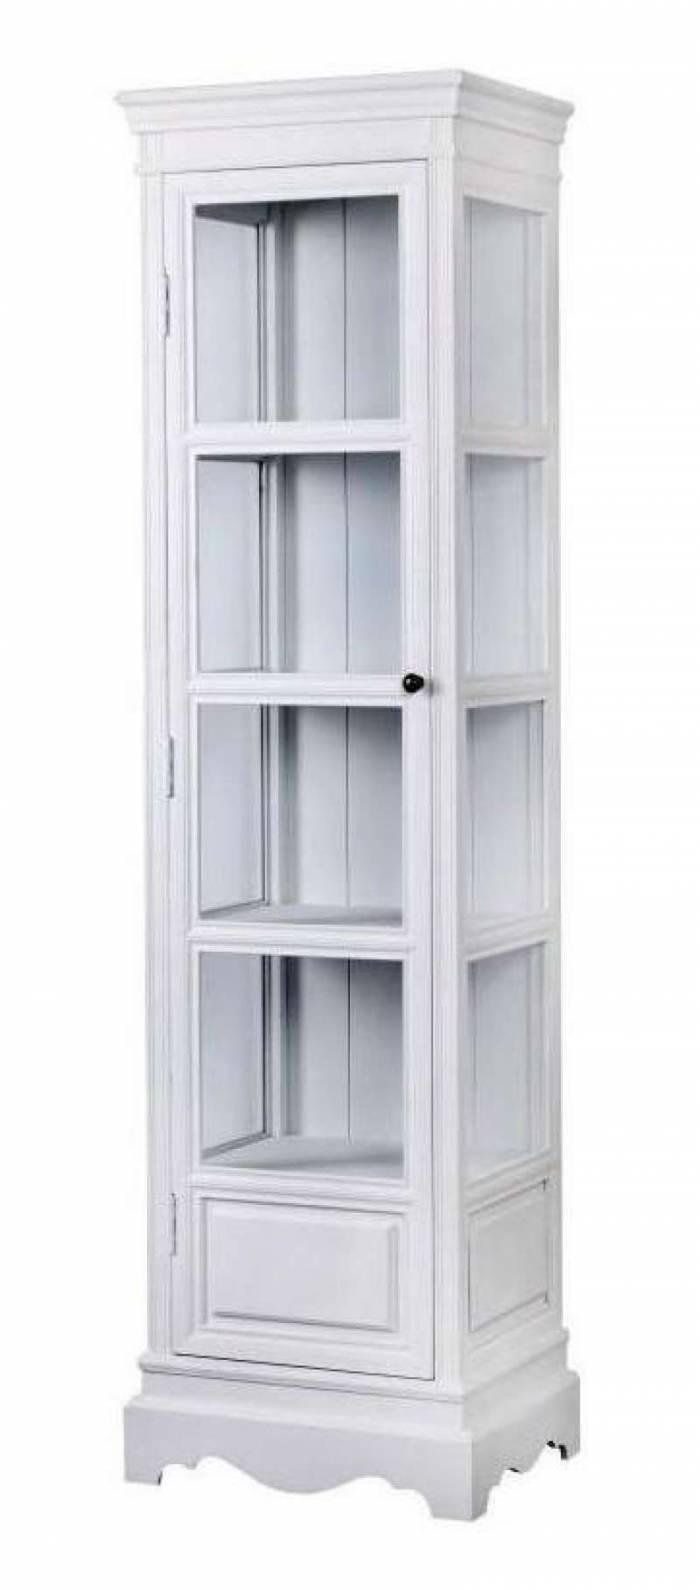 Vitrină cu ușă Alexander , 180x49x39 cm, lemn de plop/ mdf/ metal, alb